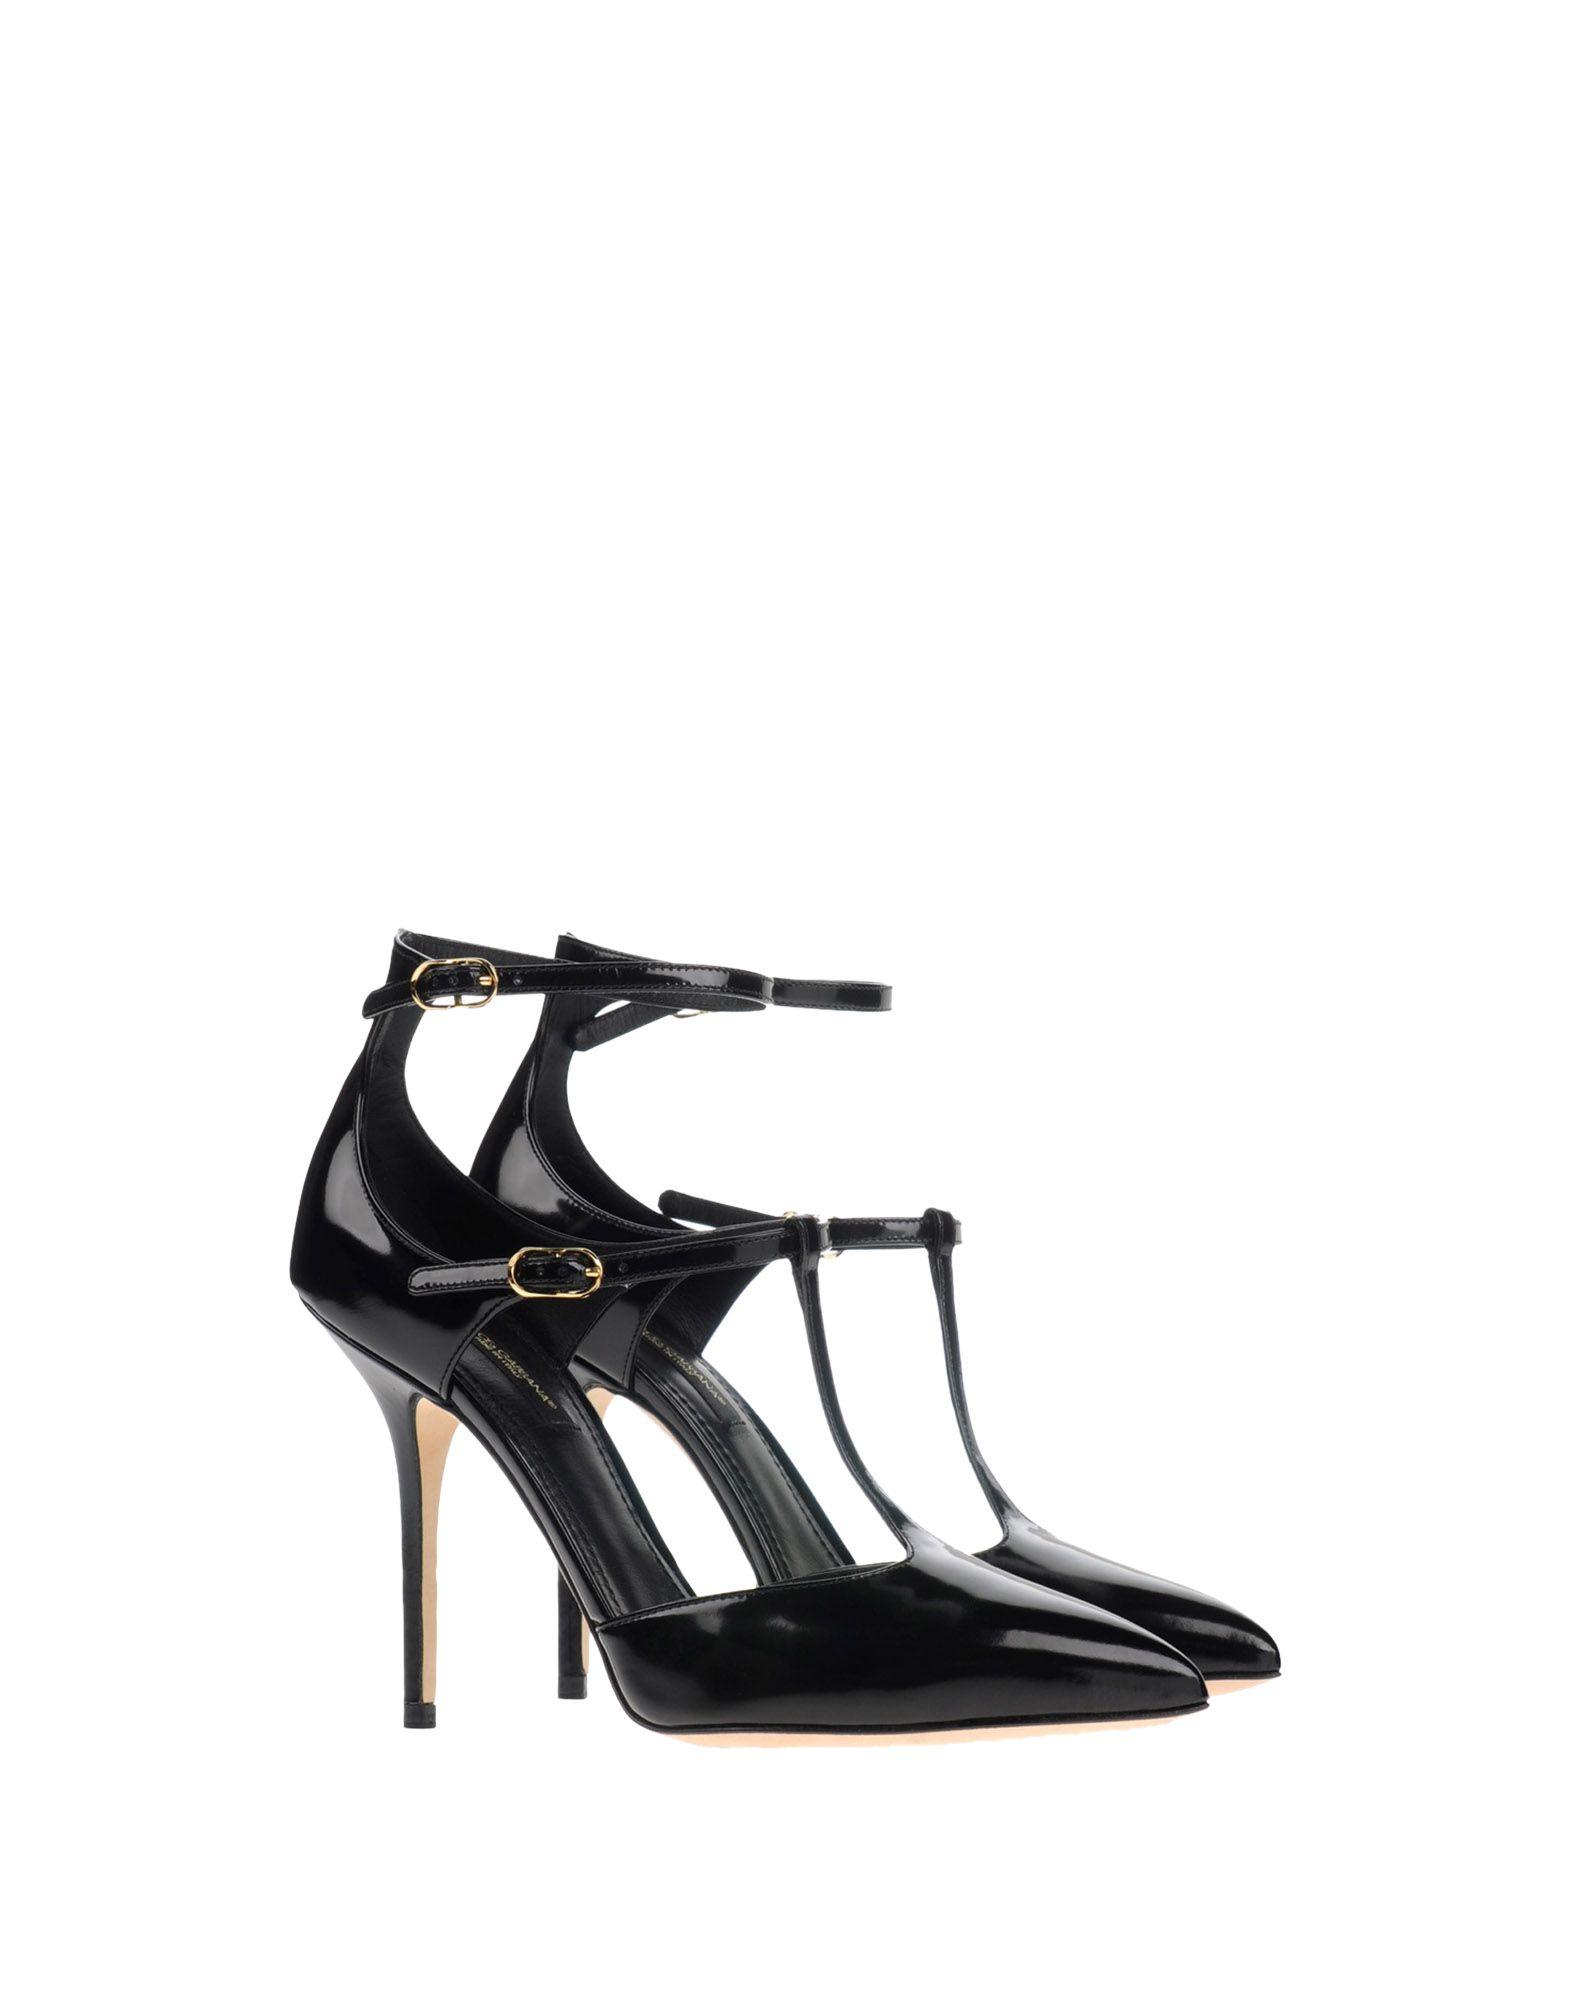 Dolce & Gabbana Pumps Damen Gutes sich Preis-Leistungs-Verhältnis, es lohnt sich Gutes c2a936